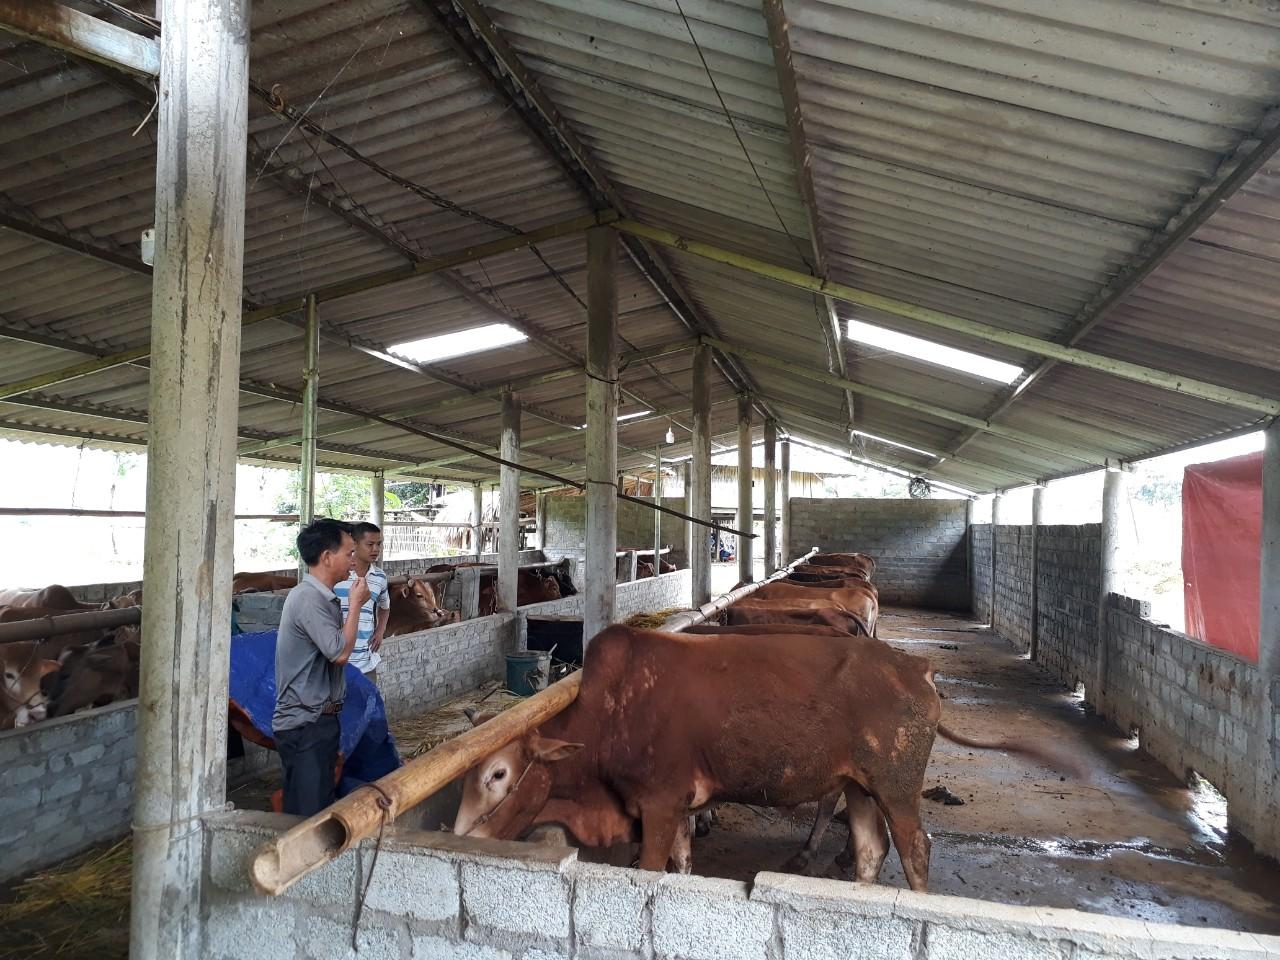 Trang trại bản Kiếng – Khởi nghiệp với mô hình trang trại chăn nuôi tổng hợp tại Hà Giang